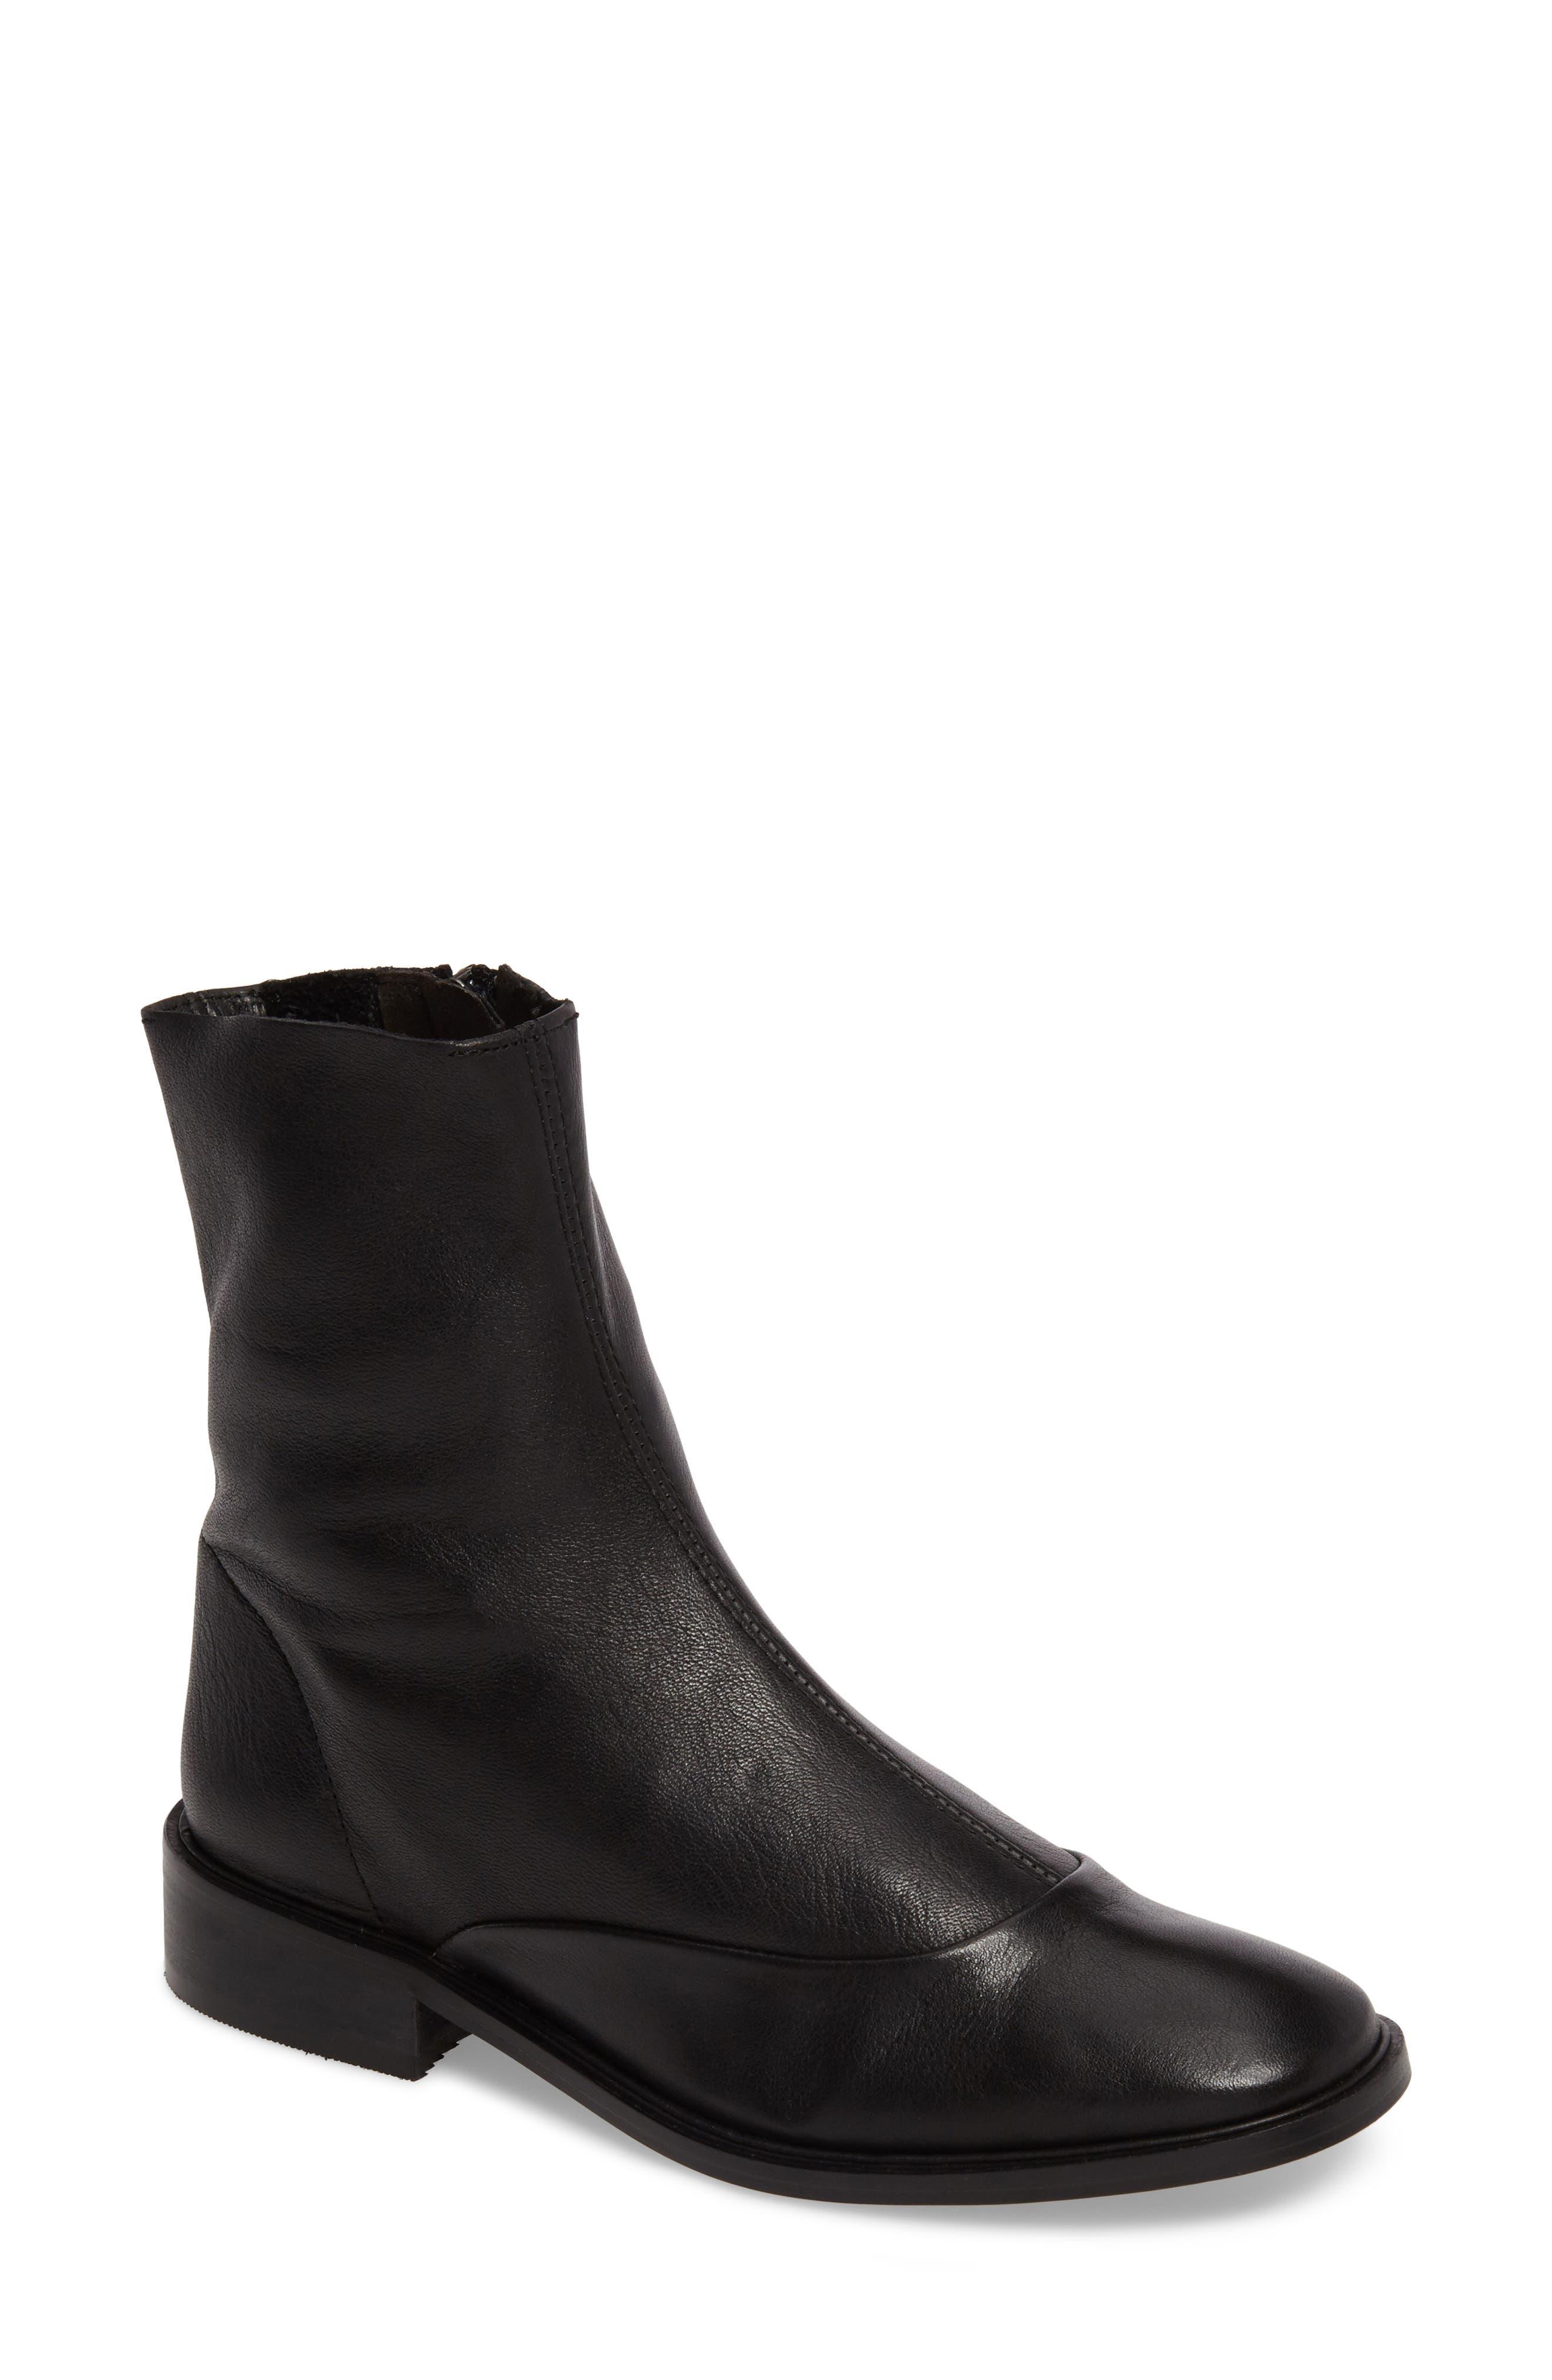 April Sock Boots,                         Main,                         color, 001